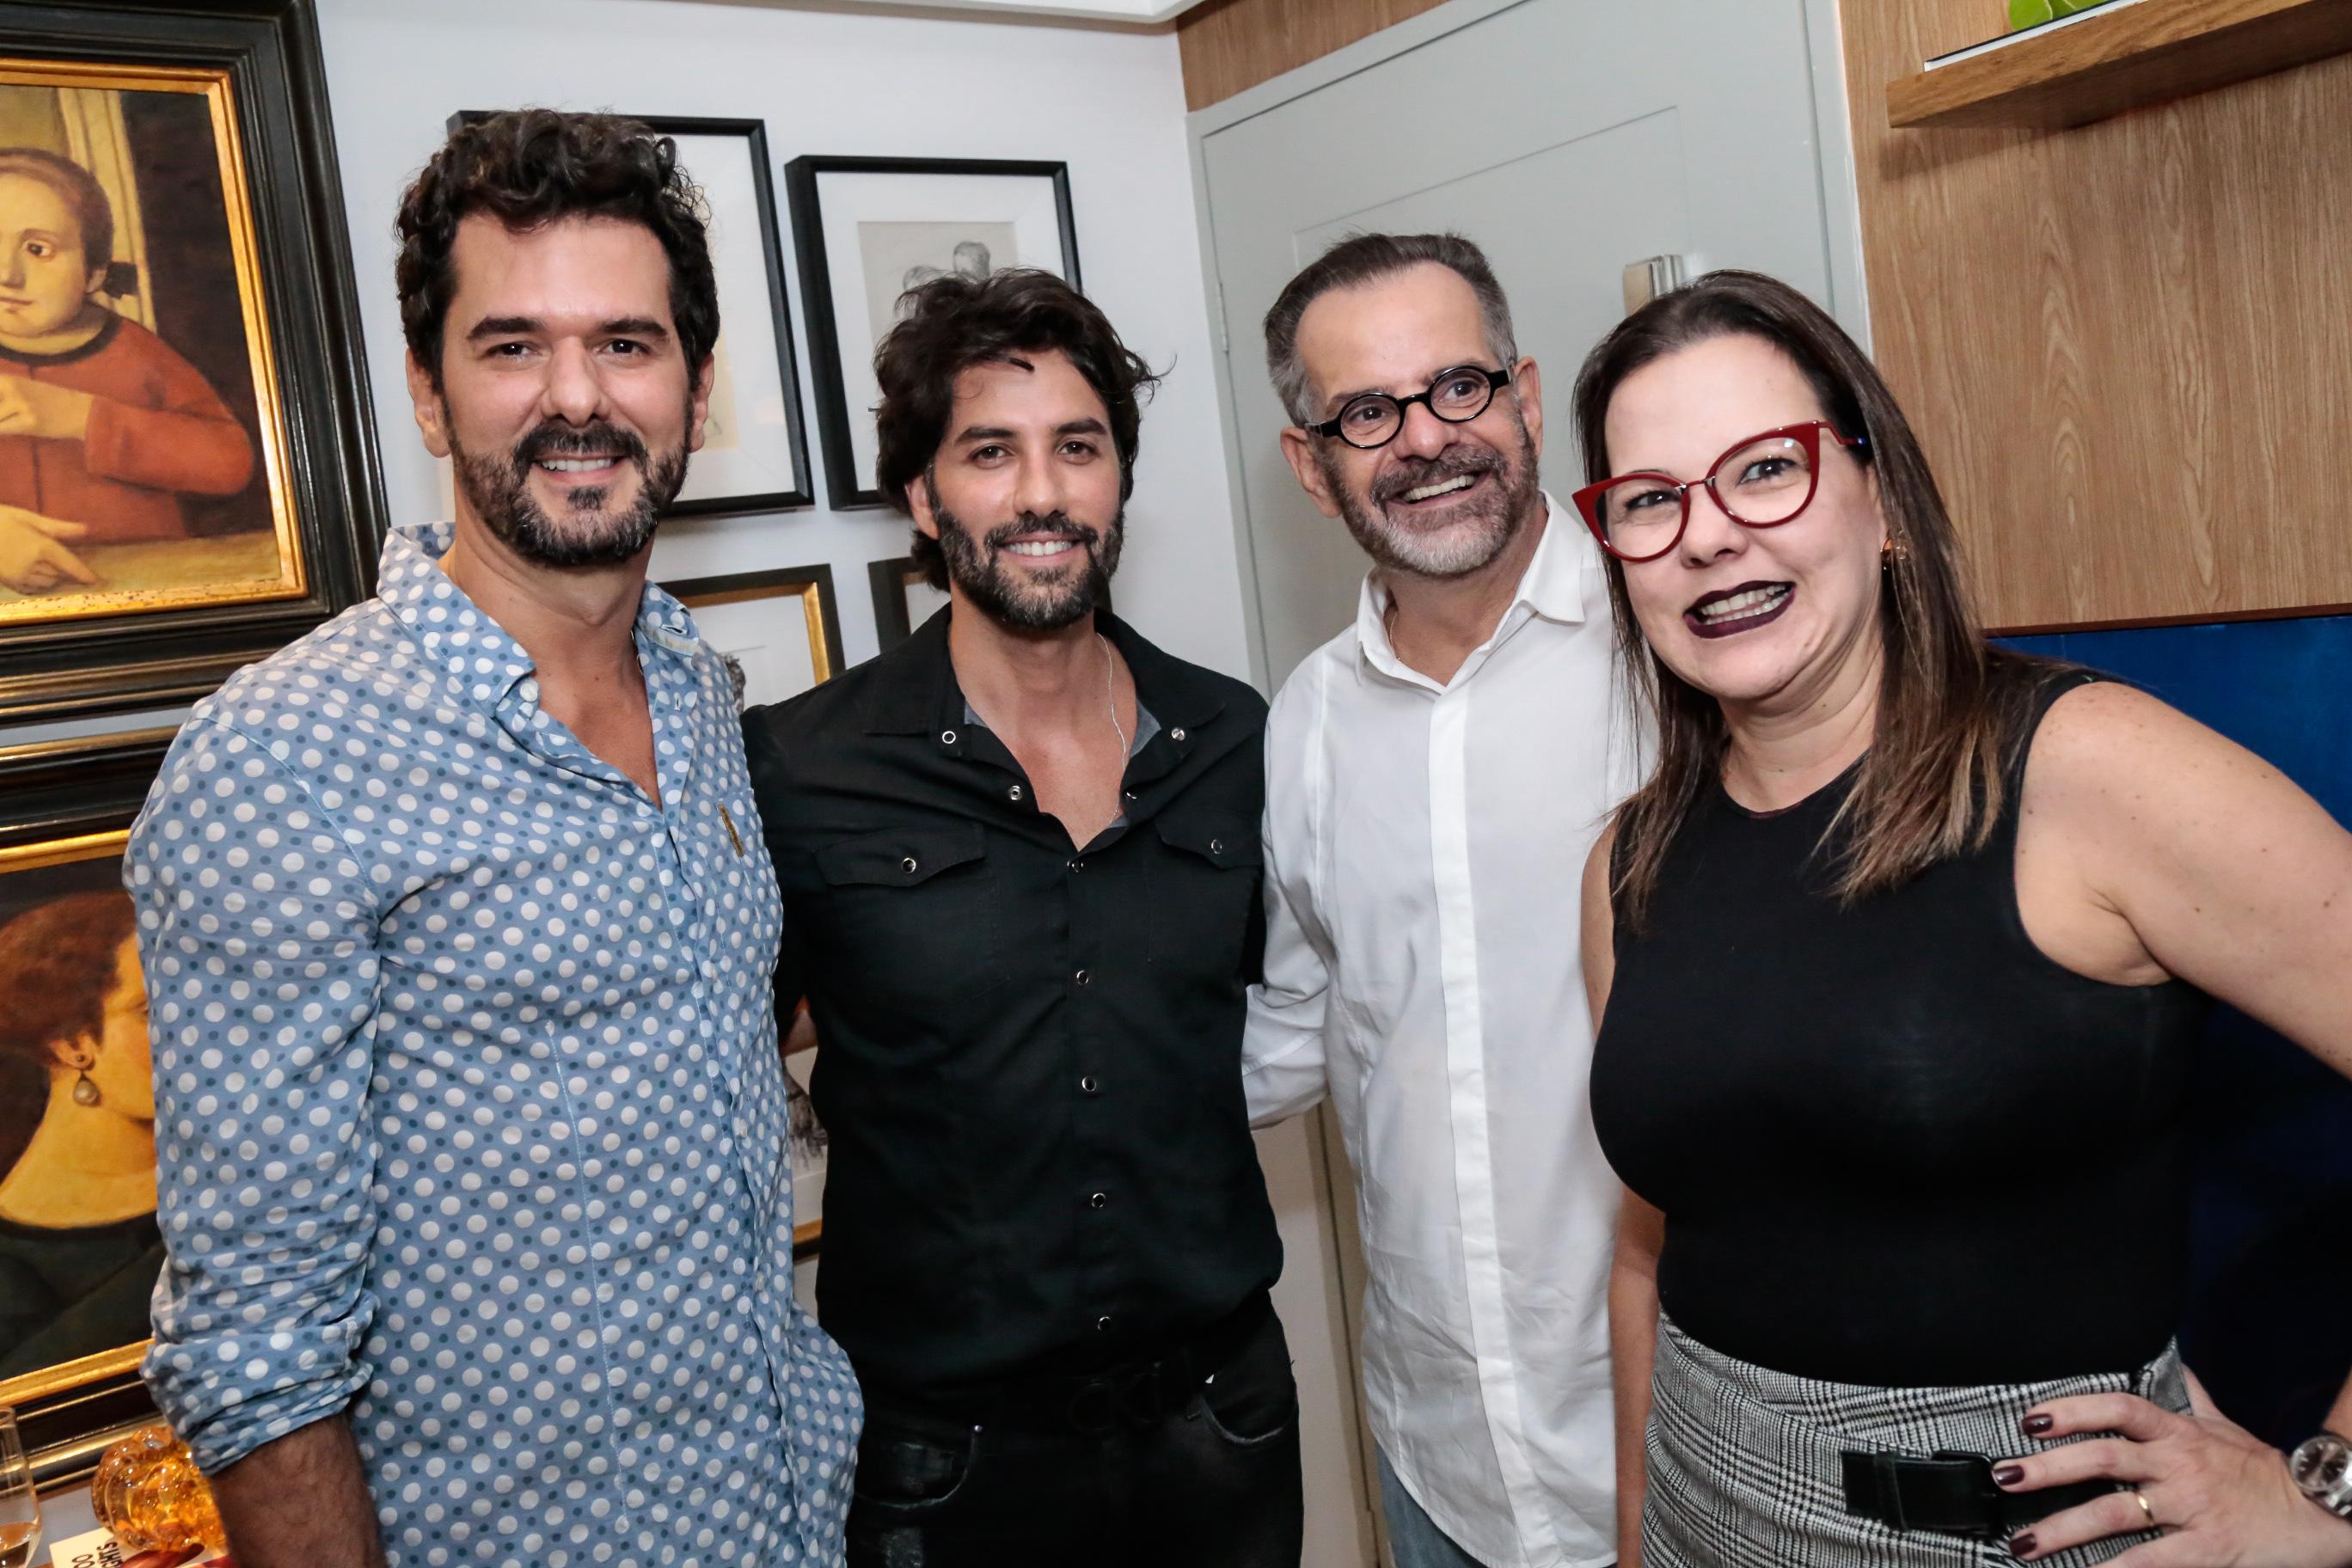 Tico Melo, André Carício, Eduardo Machado e Isabela Coutinho - Crédito: Gleyson Ramos/Divulgação